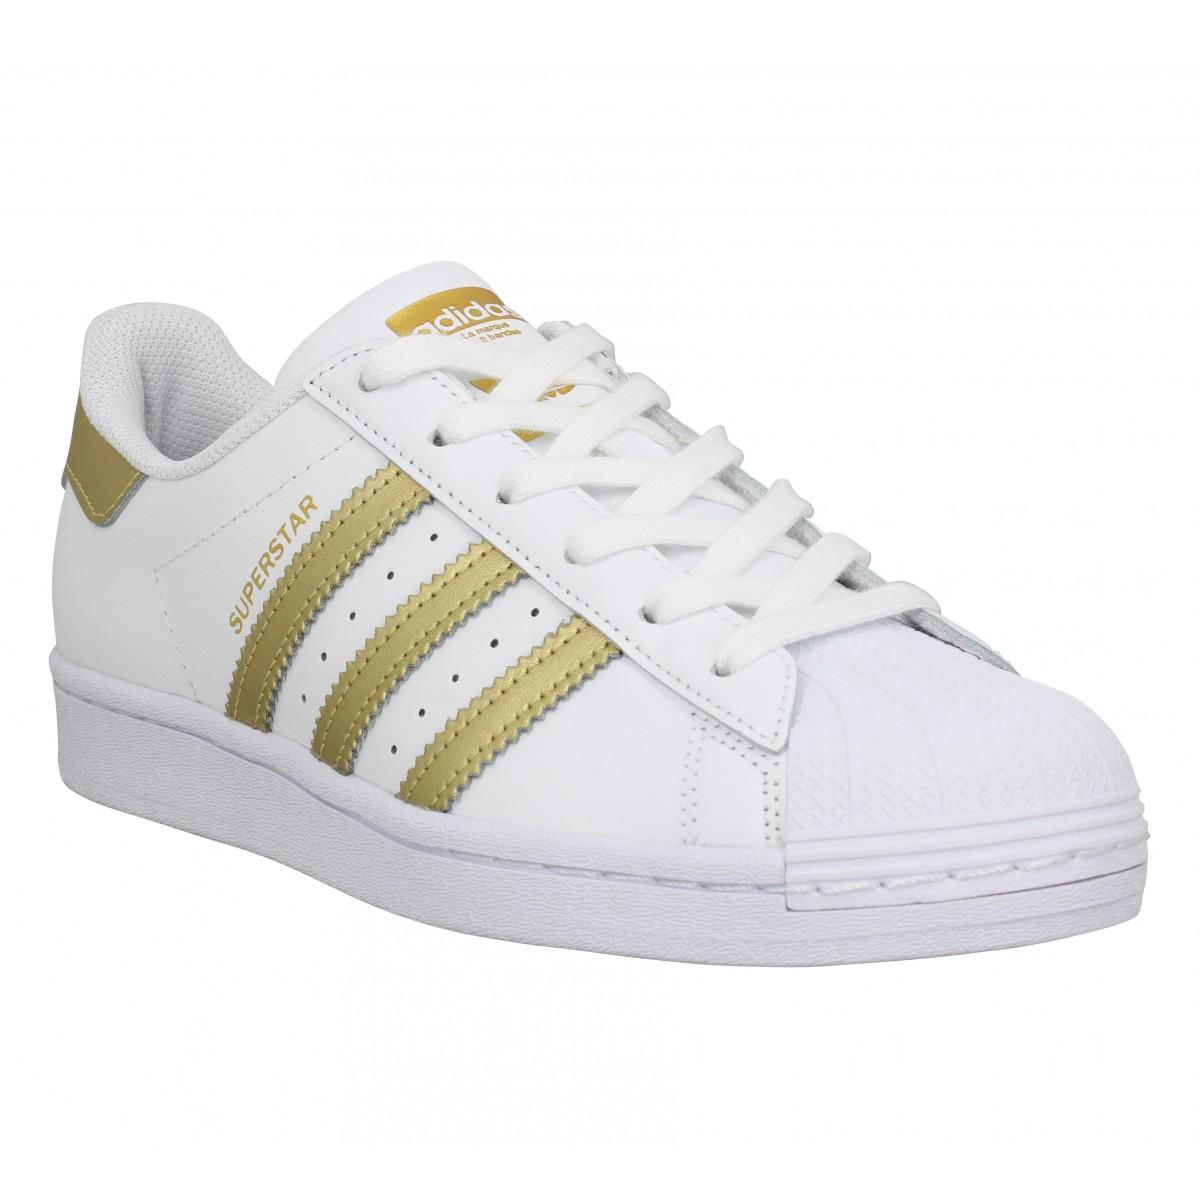 Adidas Femme Superstar Fx7483 Cuir...